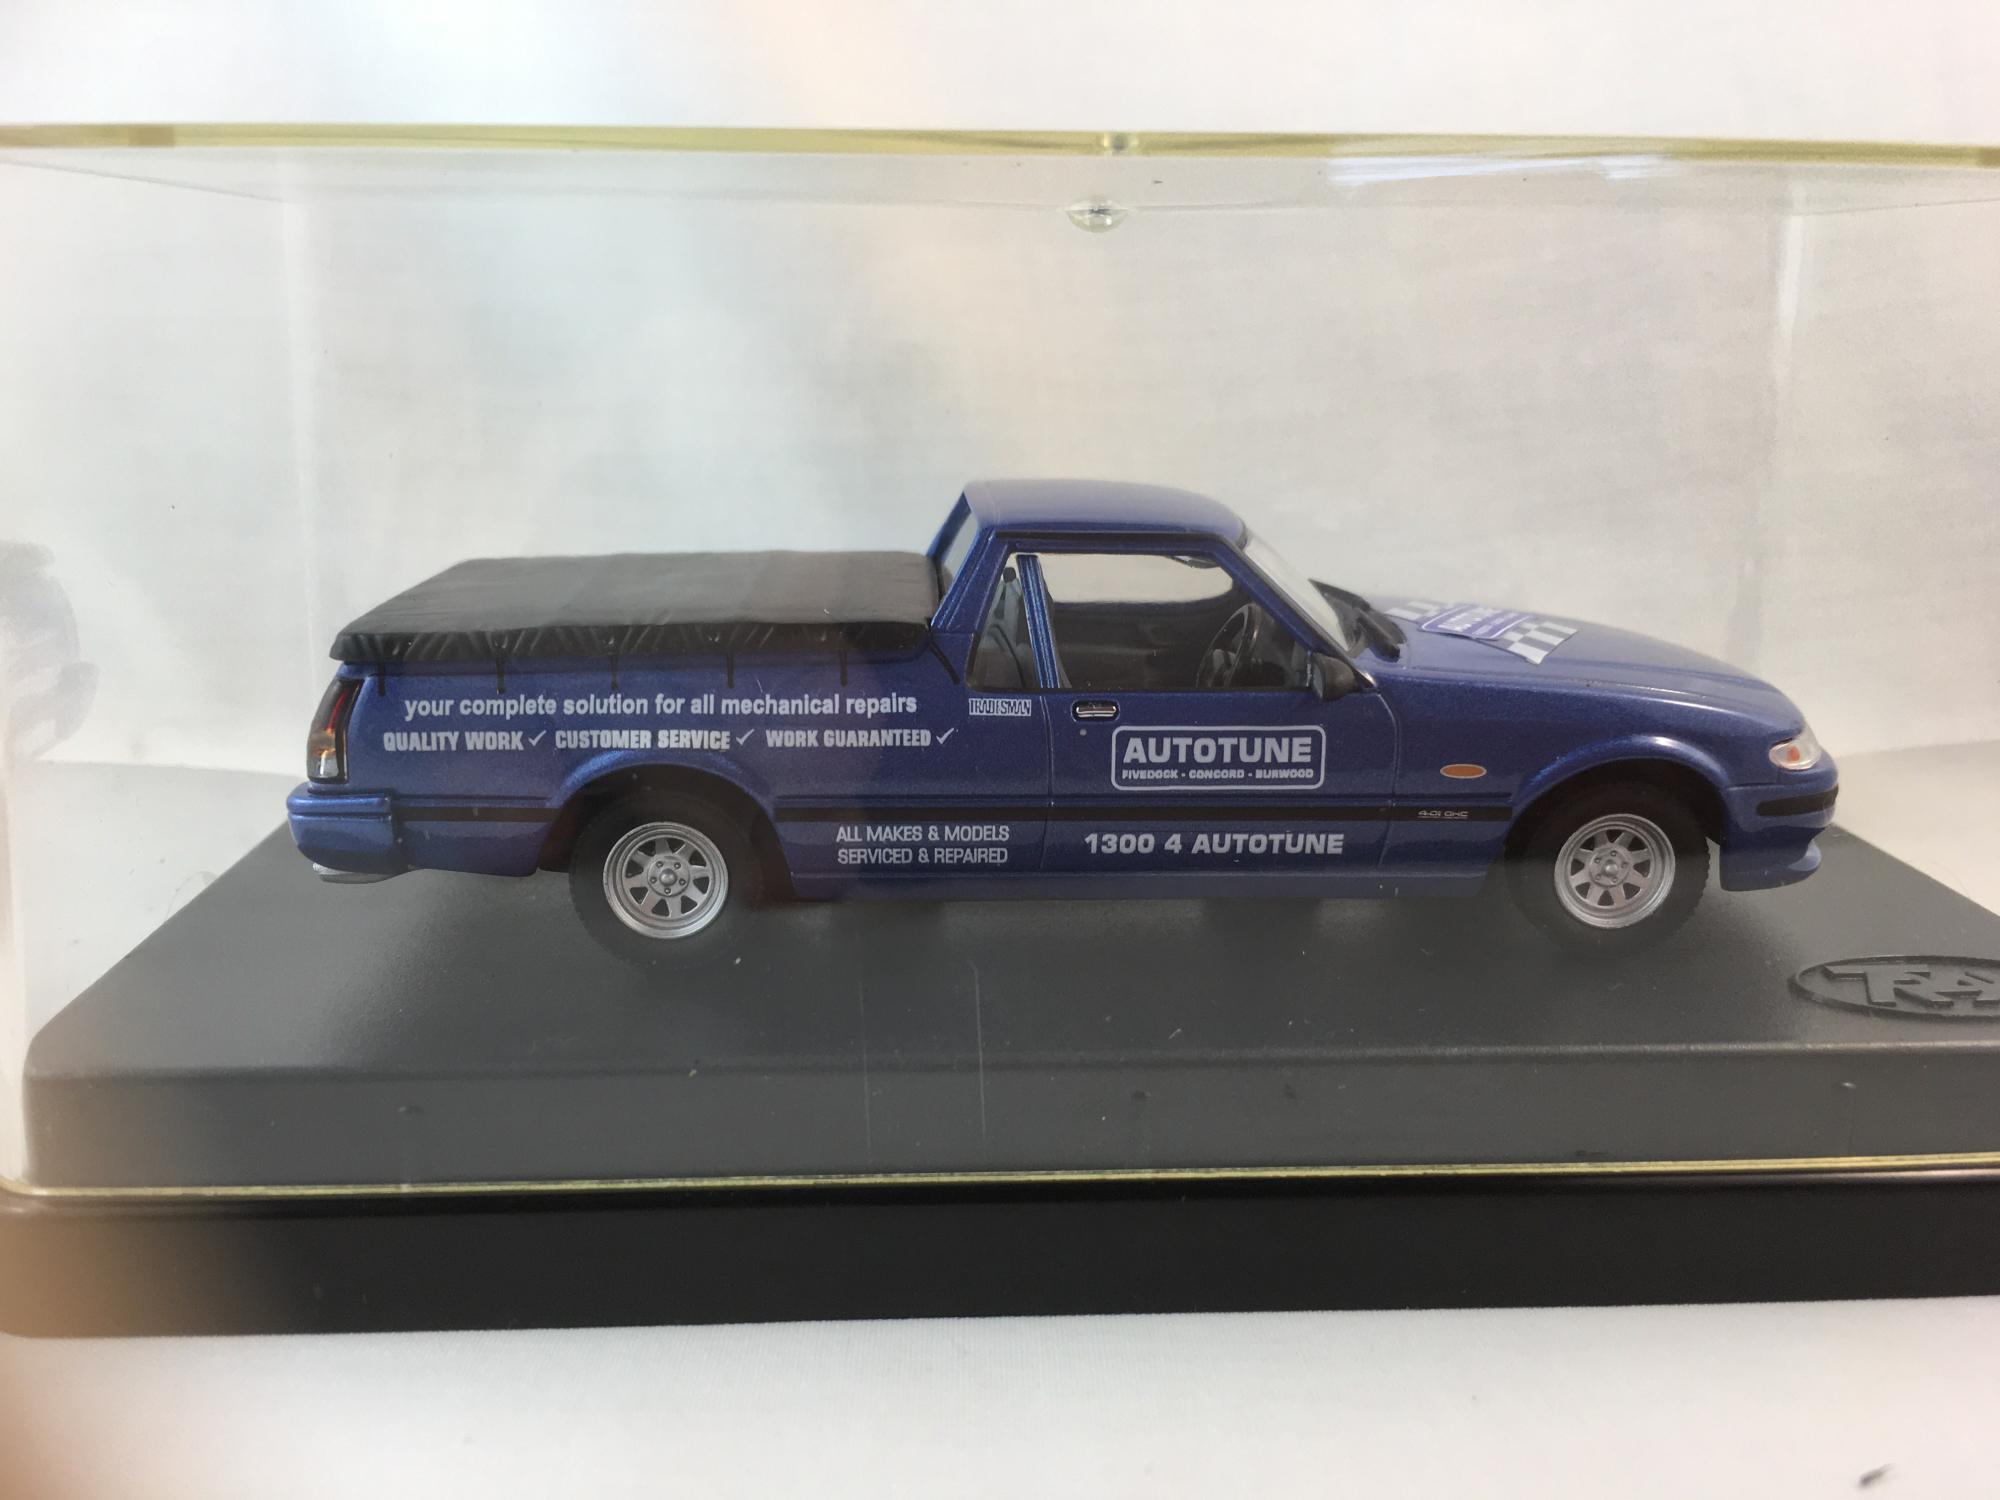 1996 Ford Falcon XH Utility – Mauritius Blue – Autotune Deco